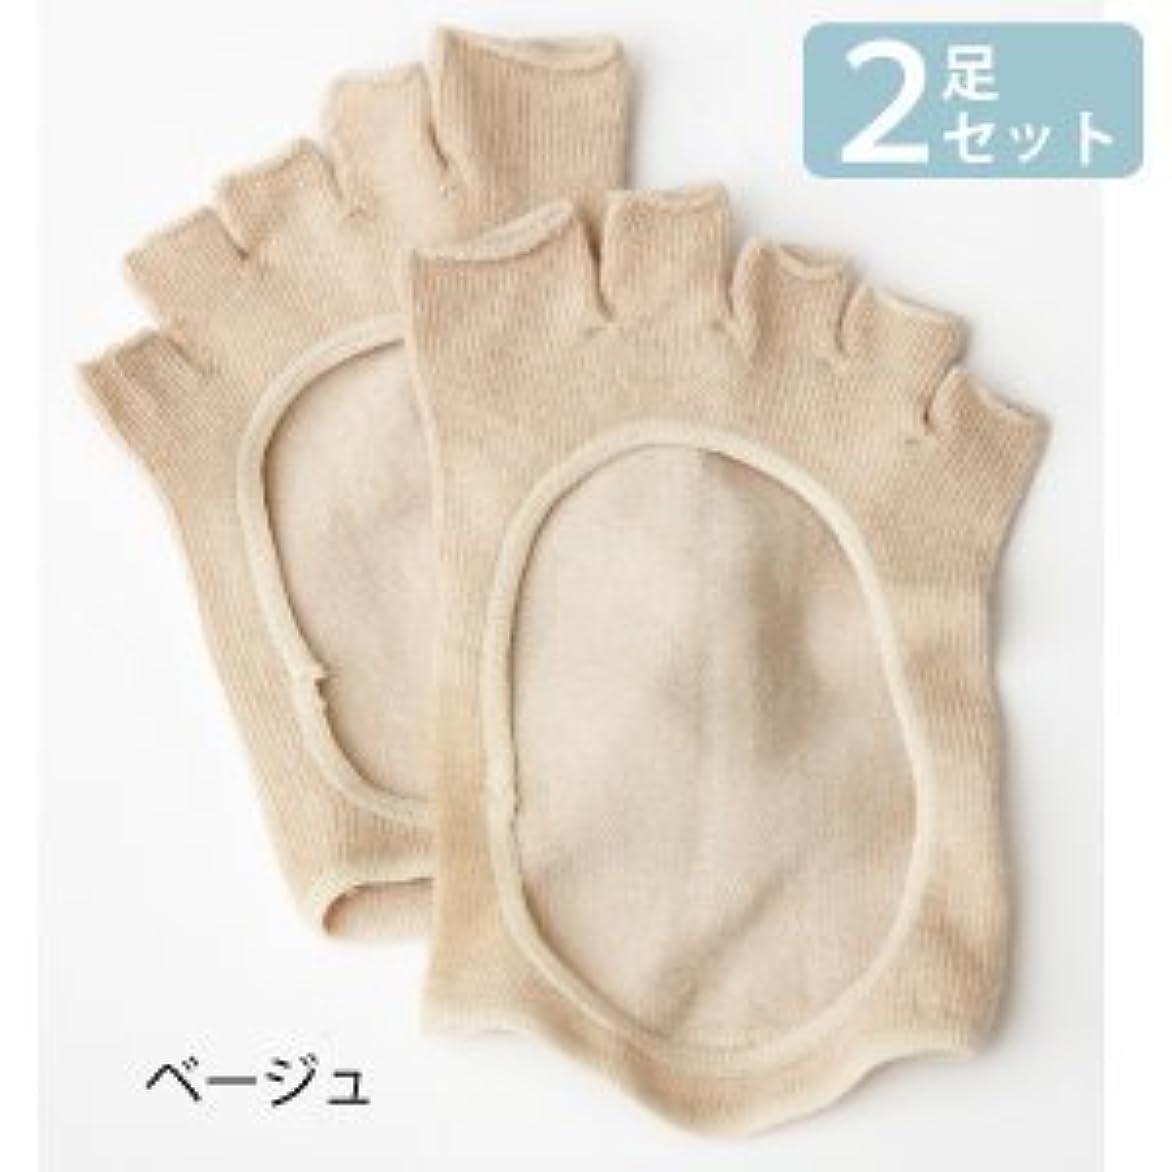 相関する計器傷つきやすい脱げにくい 足指セパレーター (2足セット, ベージュ)